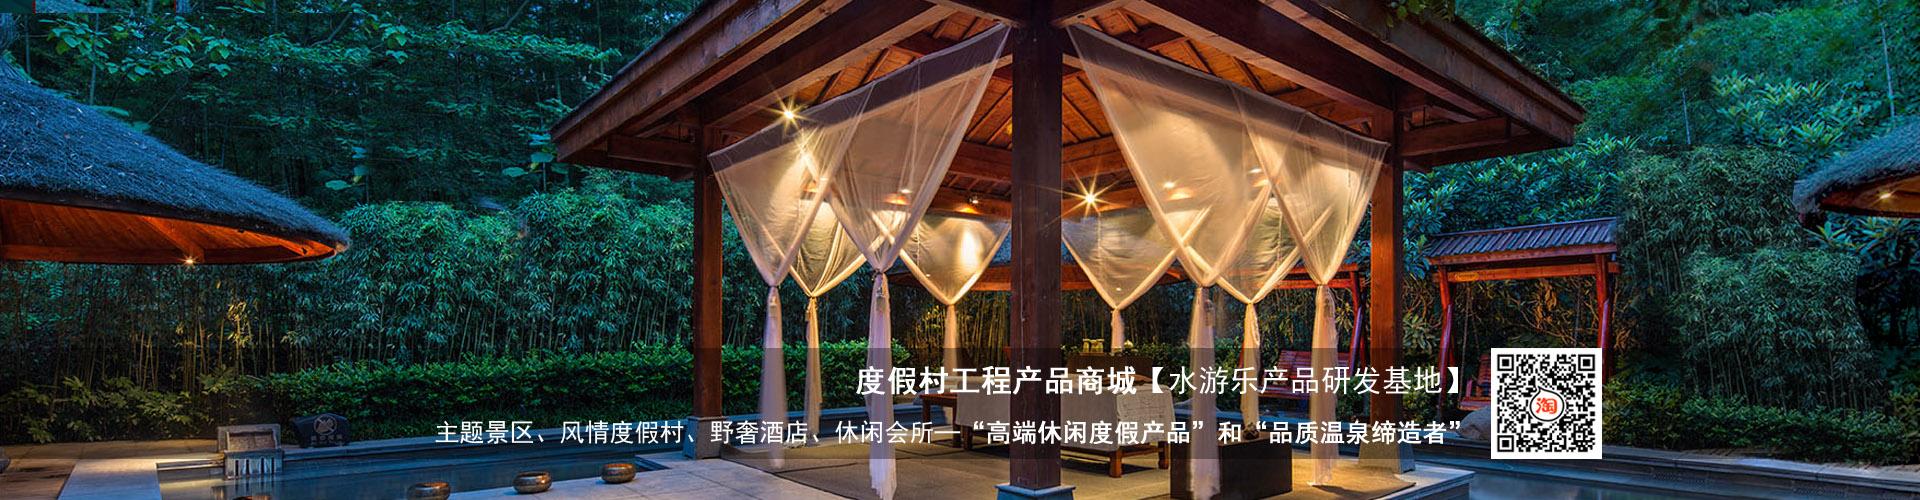 http://www.mu-fang.cn/data/images/slide/20200708163812_729.jpg